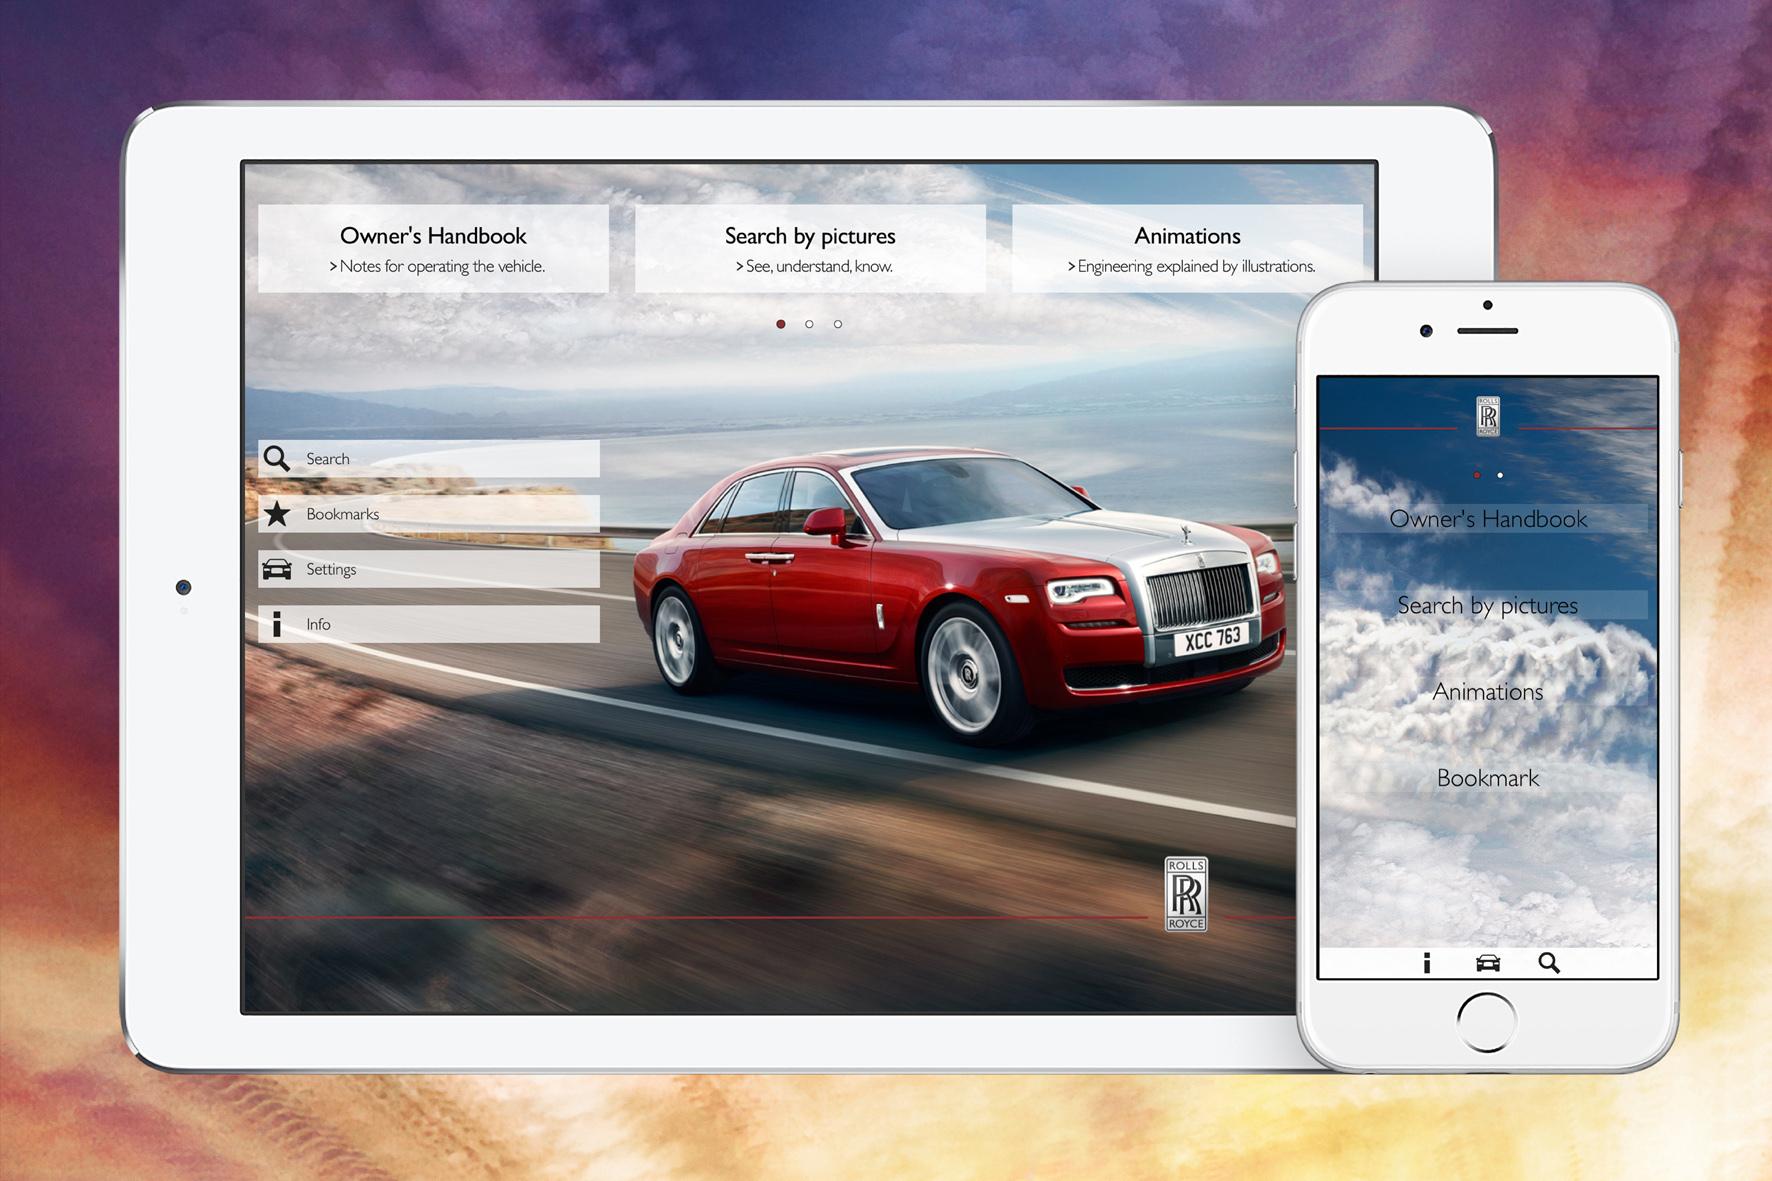 """mid Düsseldorf - Die neue App """"Rolls-Royce Mobile Owner's Manual"""" soll Kunden der britischen Nobelmarke im Umgang mit ihrem Fahrzeug unterstützen und schnelle Hilfe bieten."""